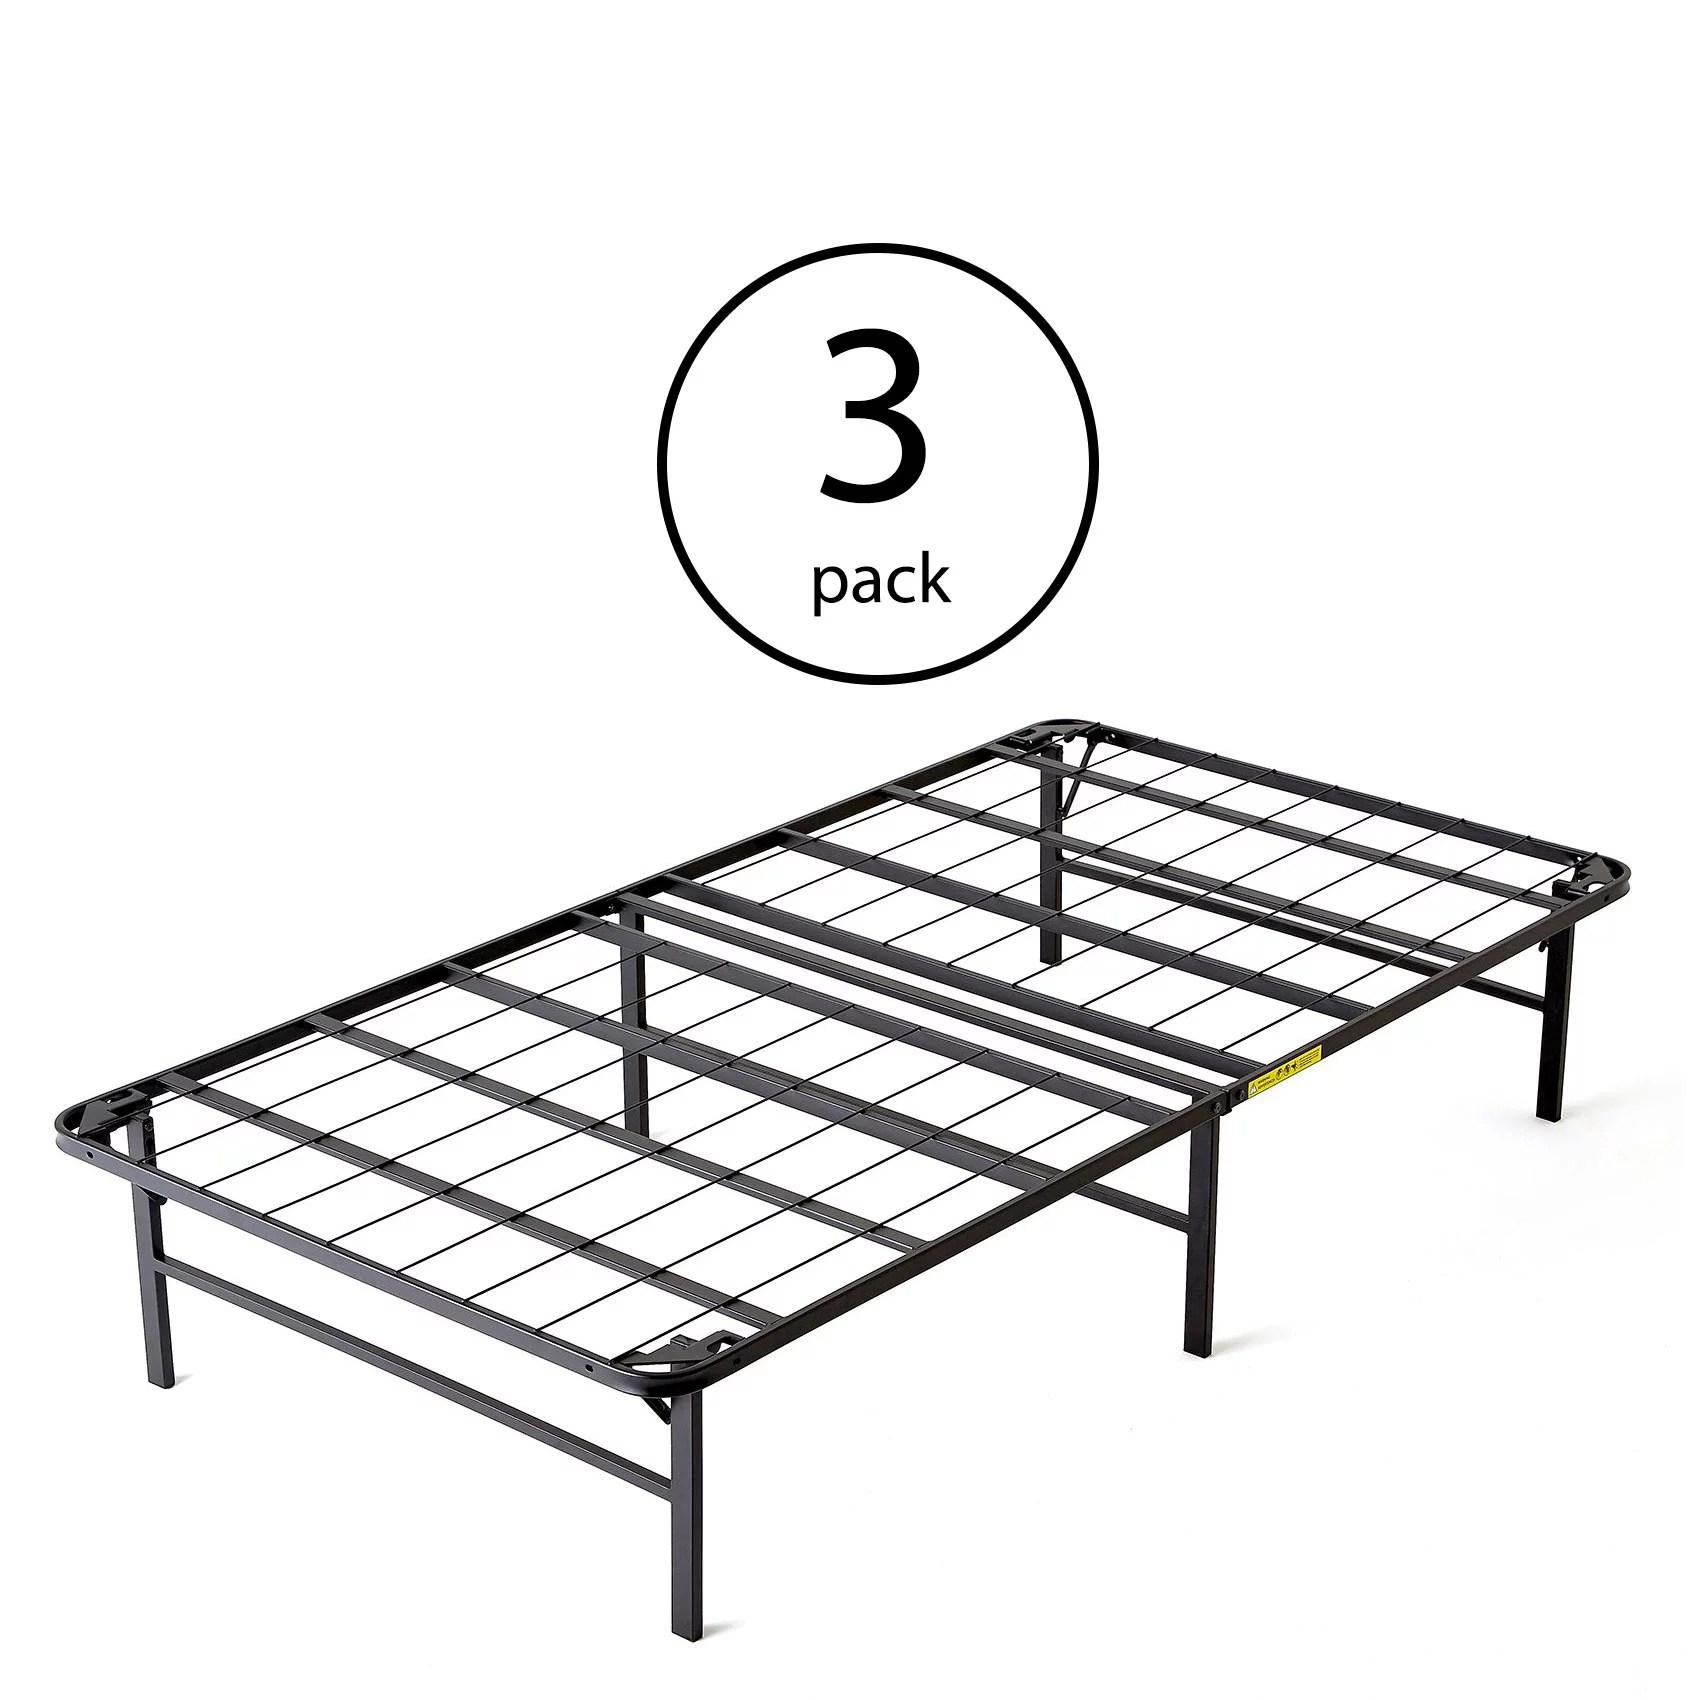 intelliBASE Lightweight Easy Set Up Bi-Fold Platform Bed